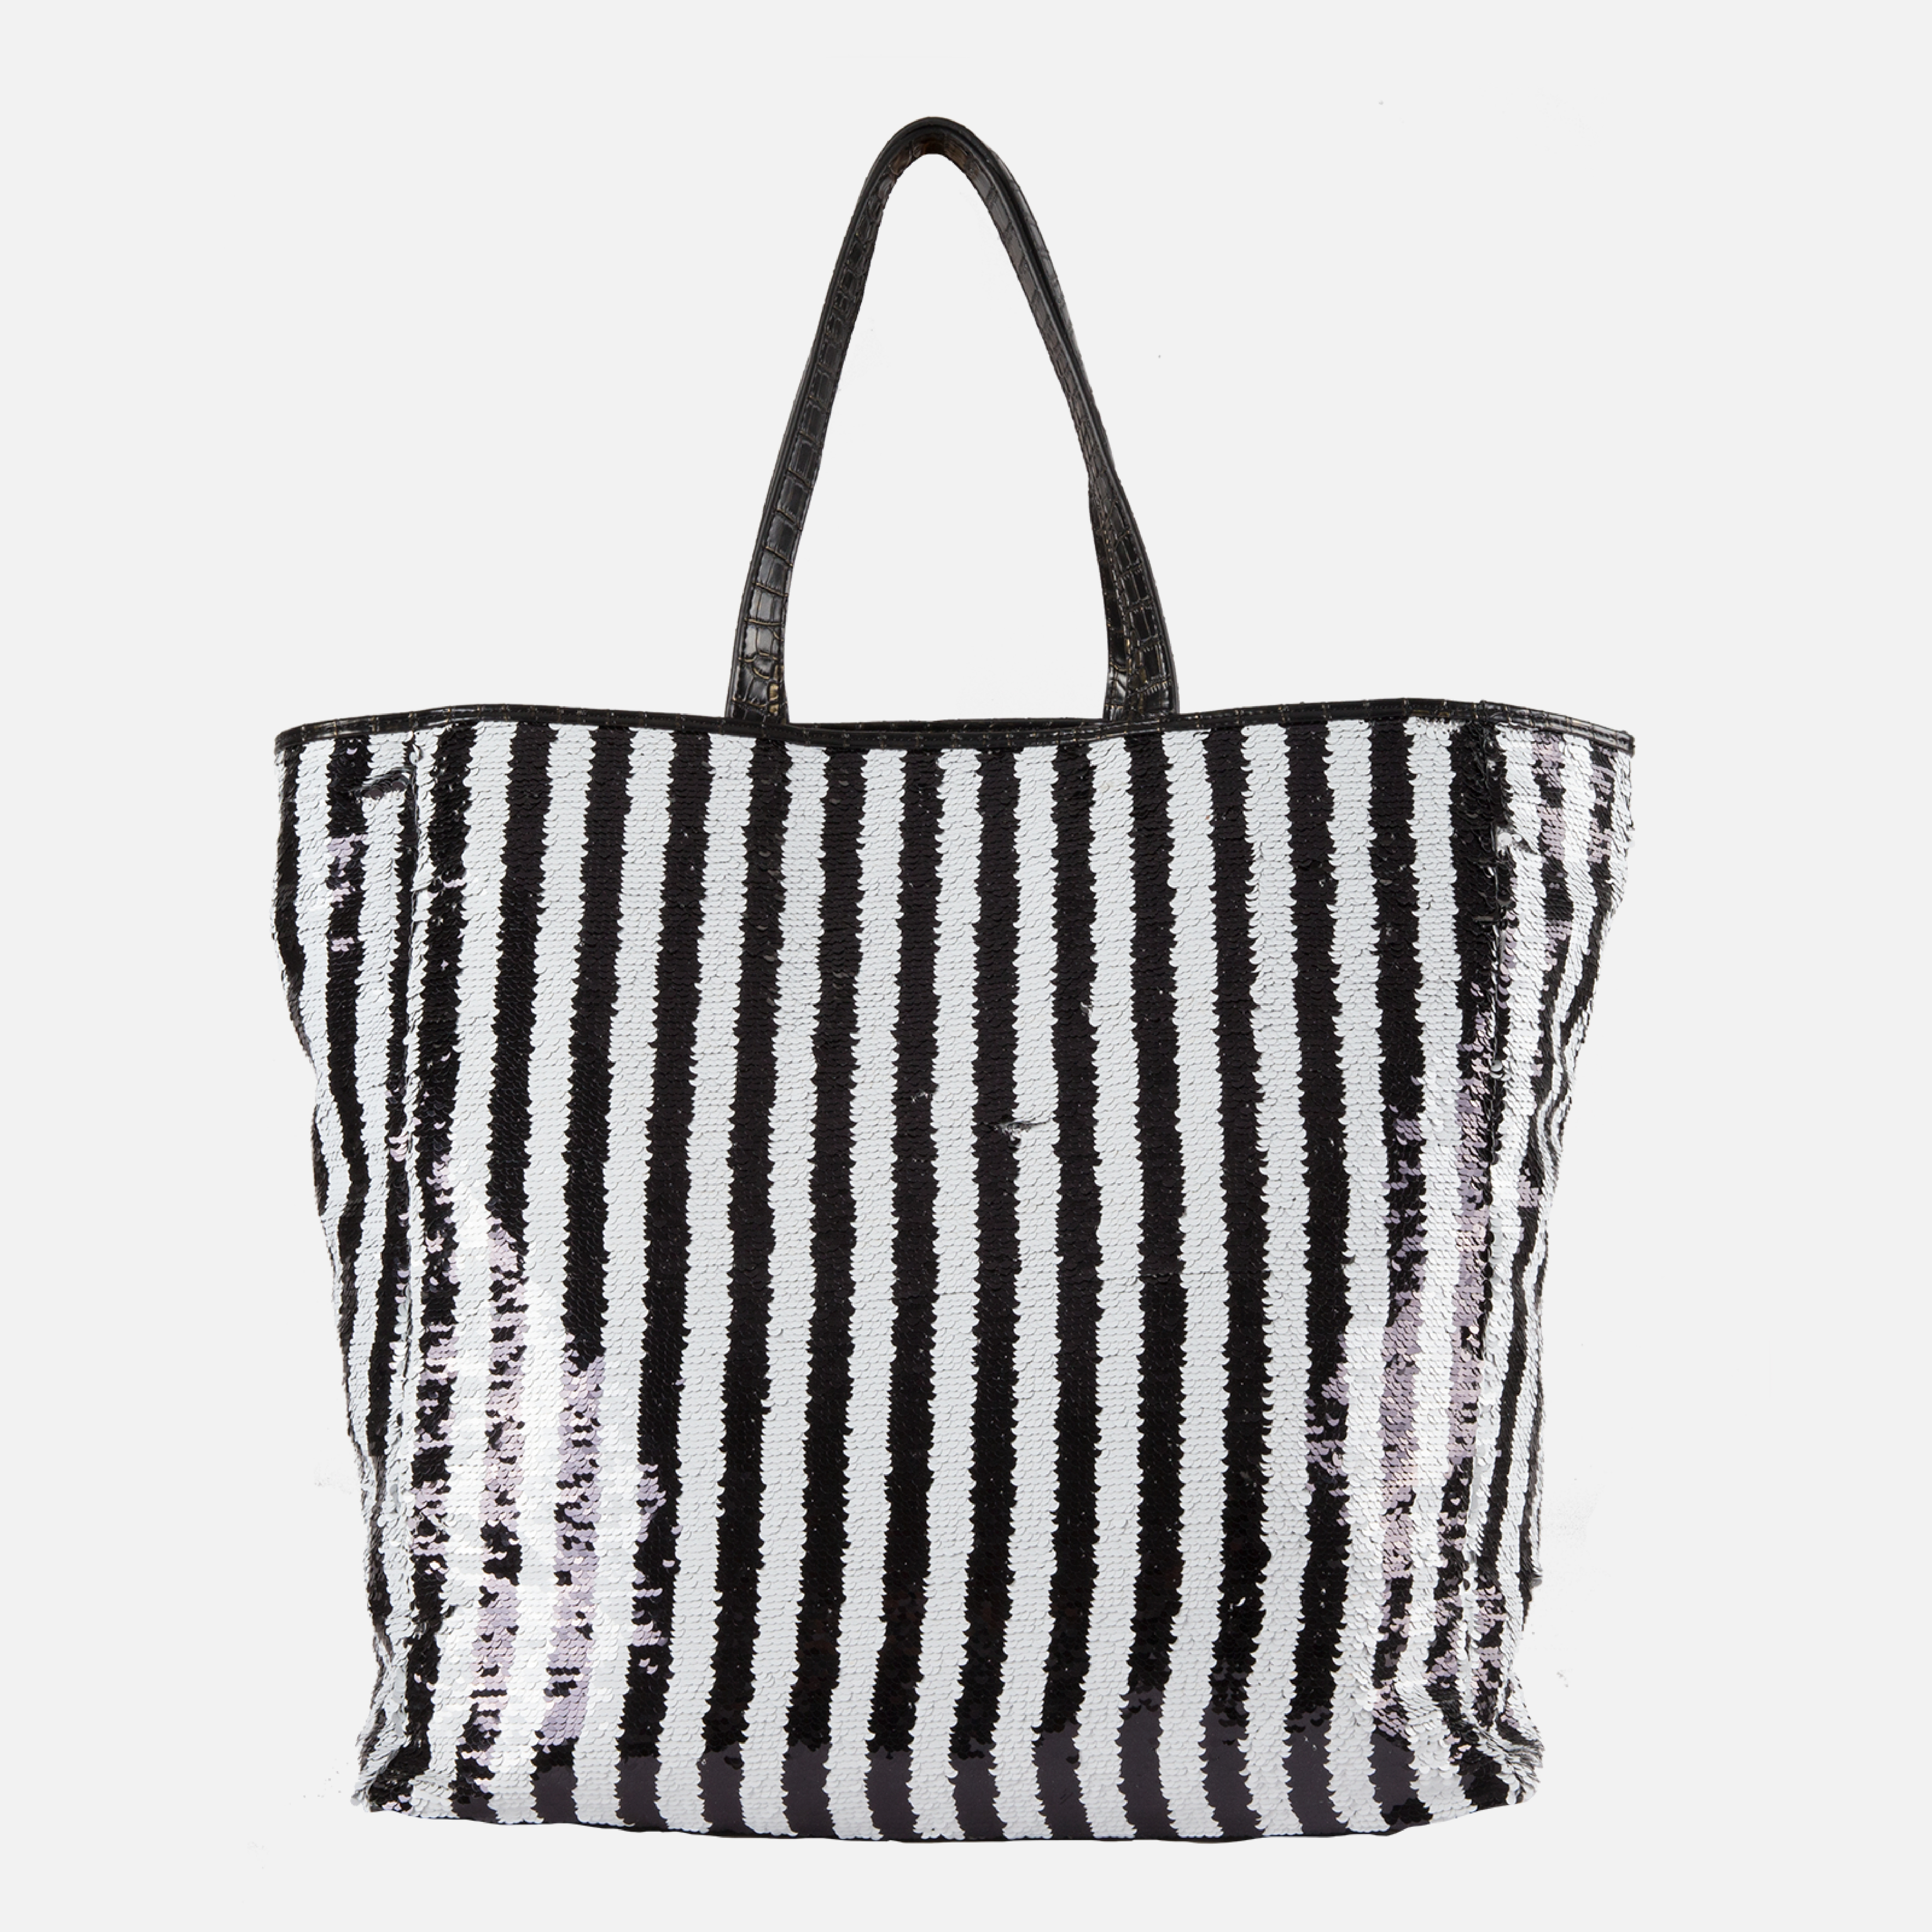 Shopper White/Black